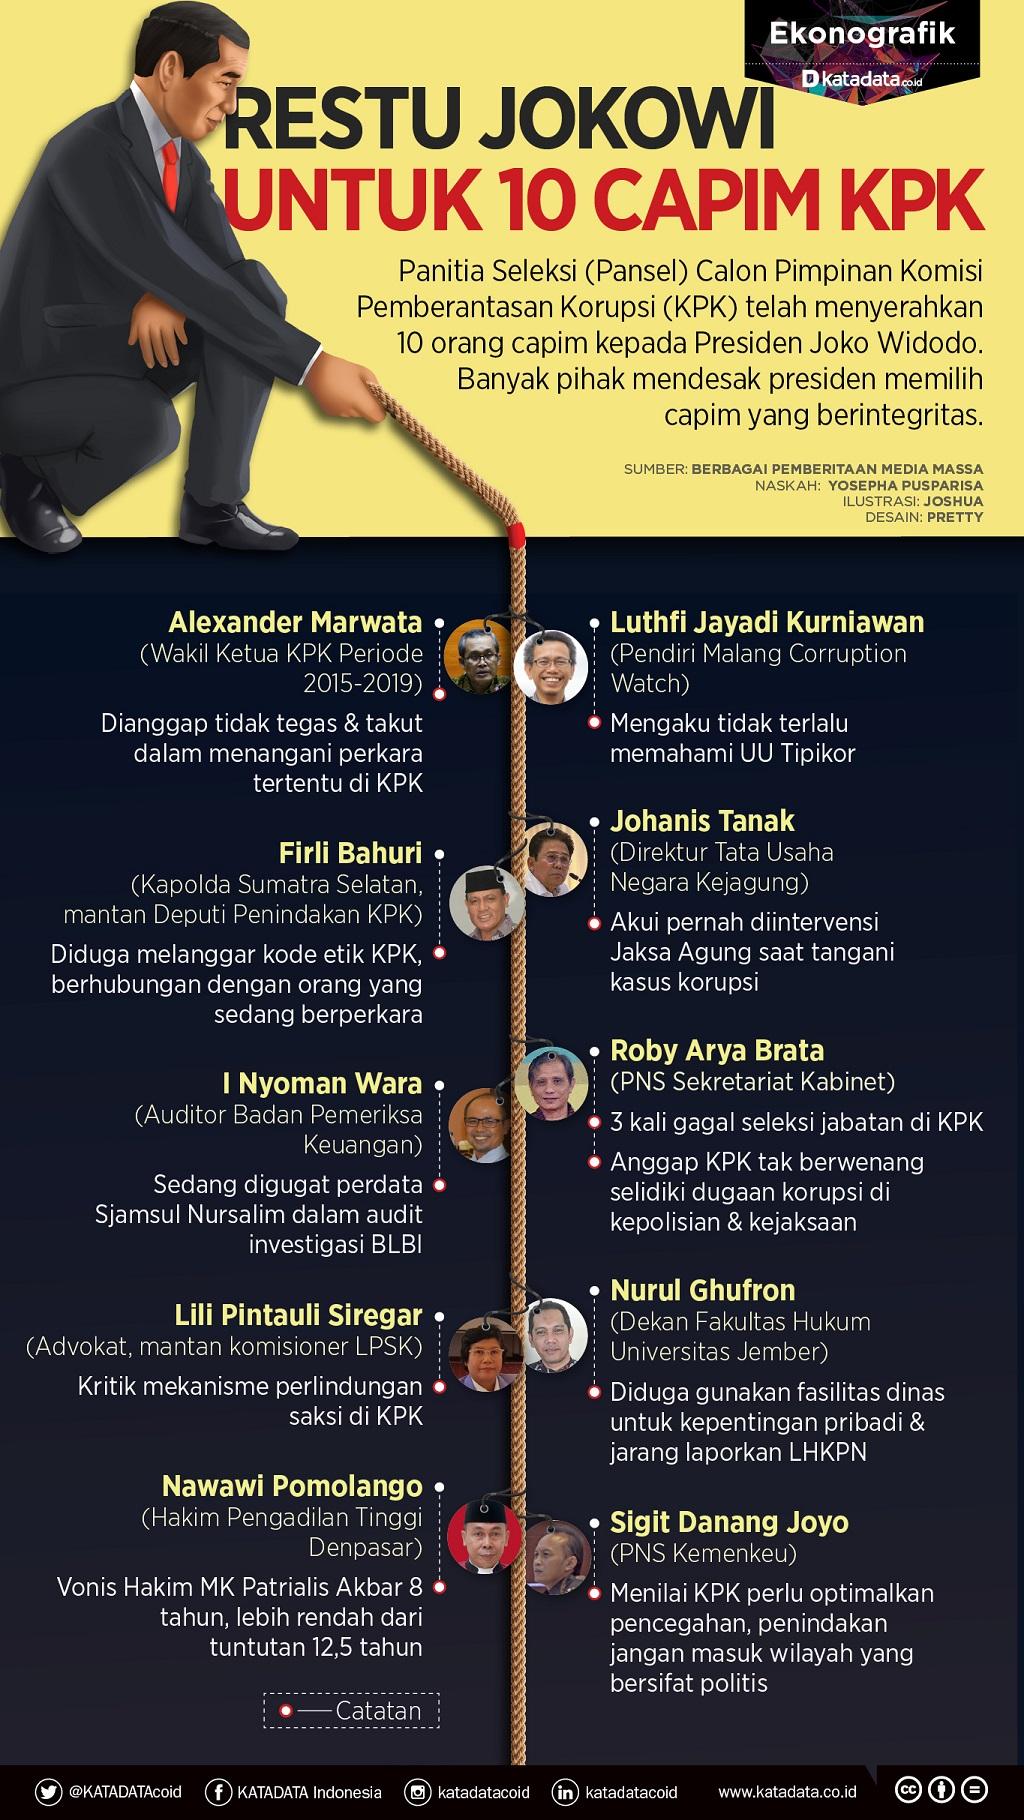 Restu Jokowi untuk 10 Capim KPK